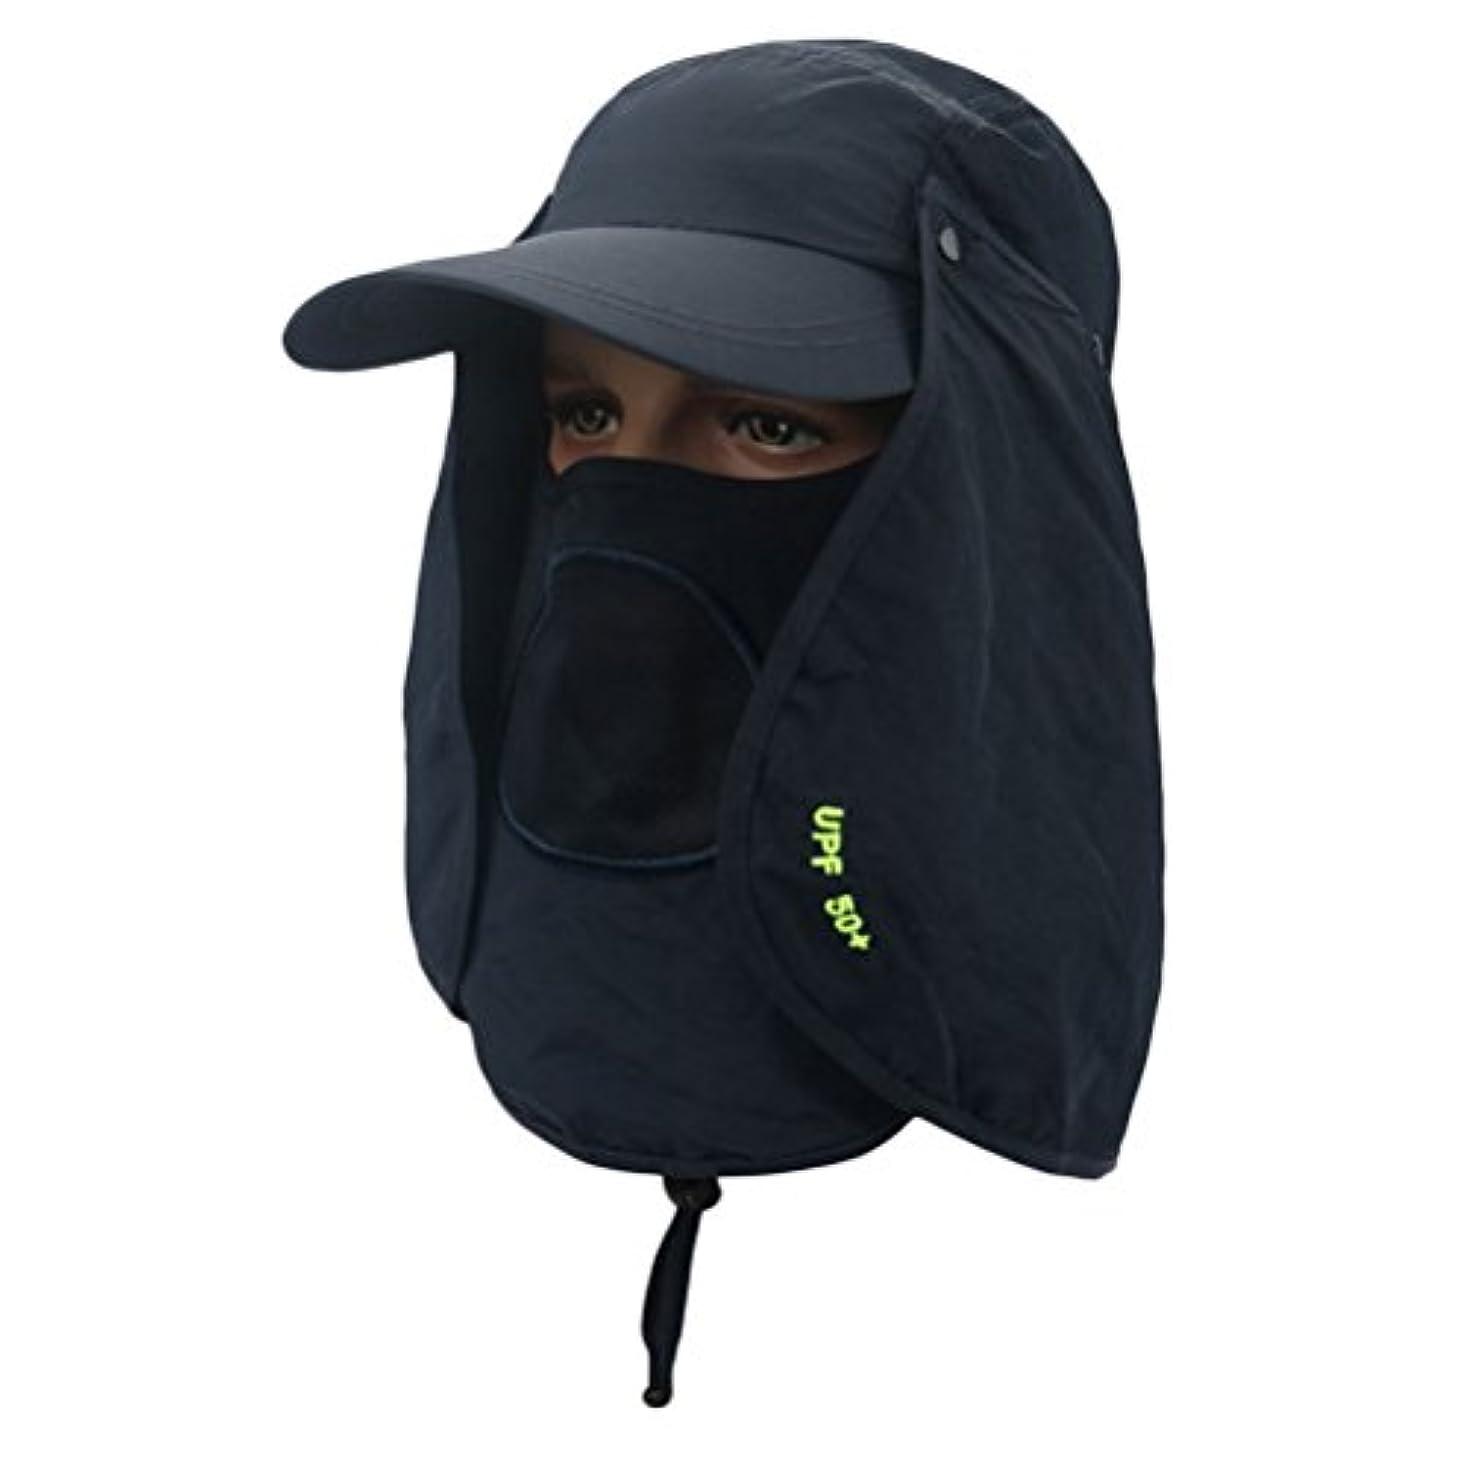 どれか晩ごはん鉱夫Zhhlinyuan 良質 Outdoor Adjustable Sun Hat Unisex Quick-drying UV Protection Visor Cap